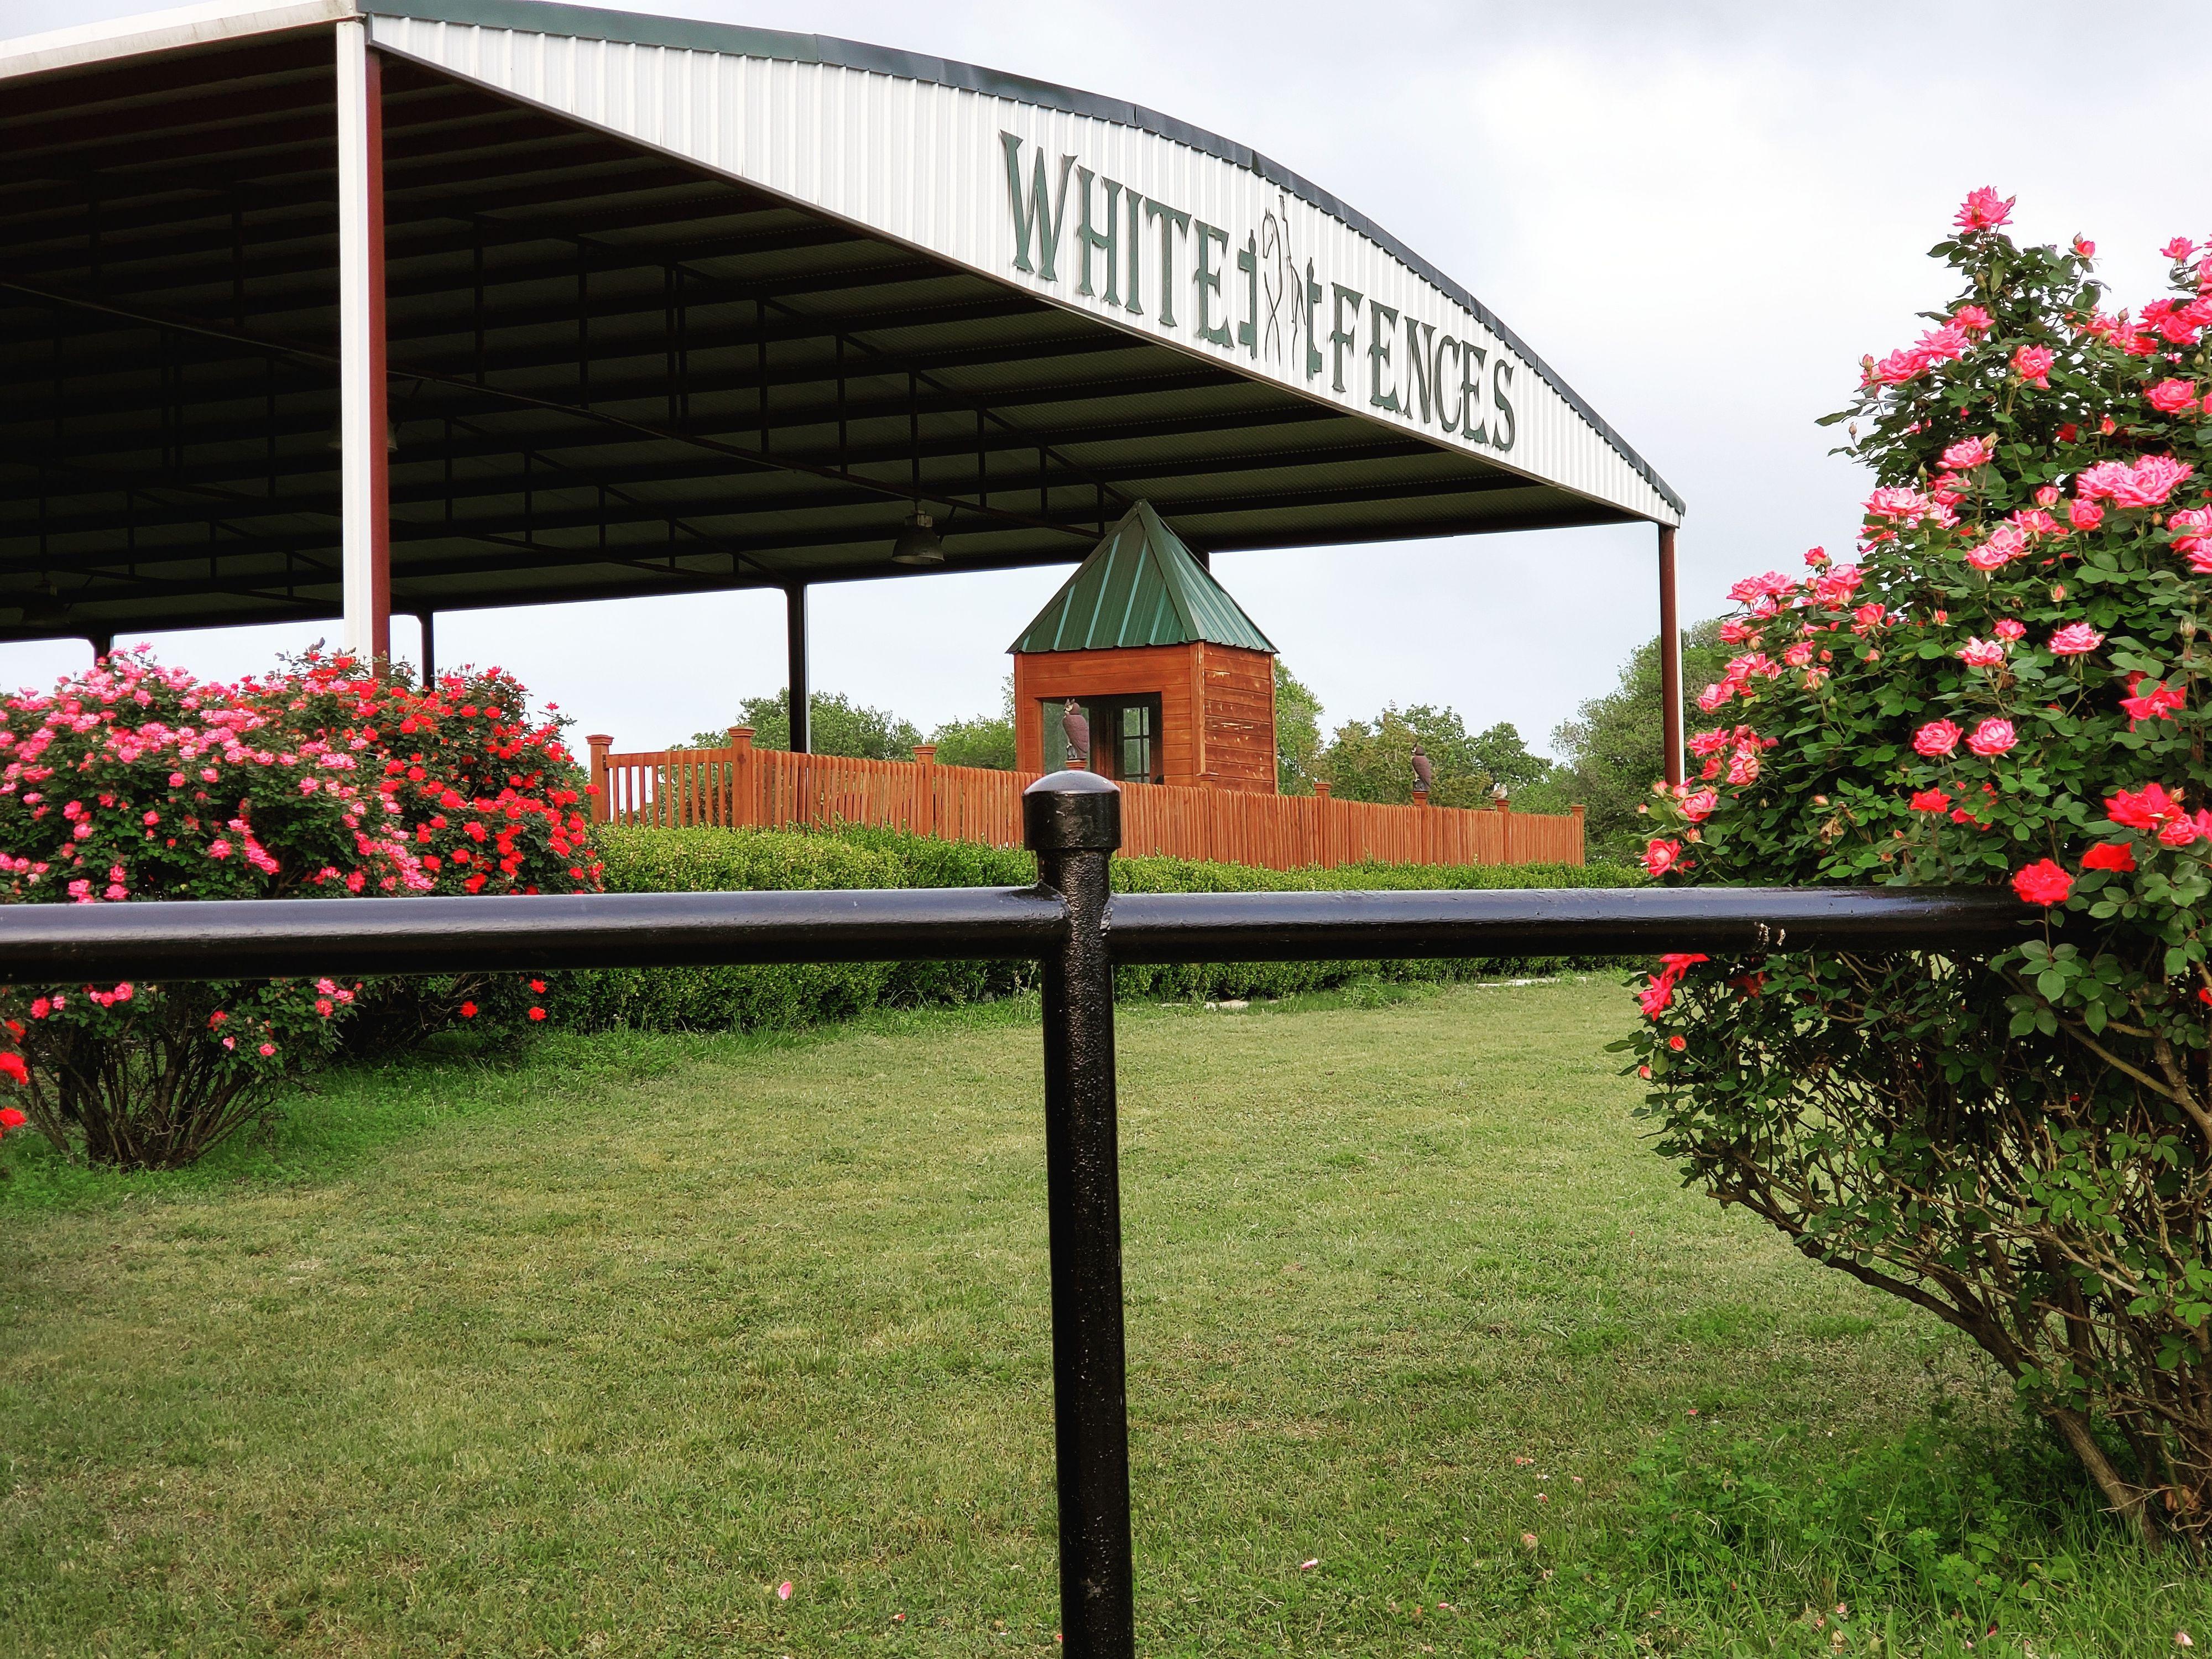 White Fences Equestrian Center